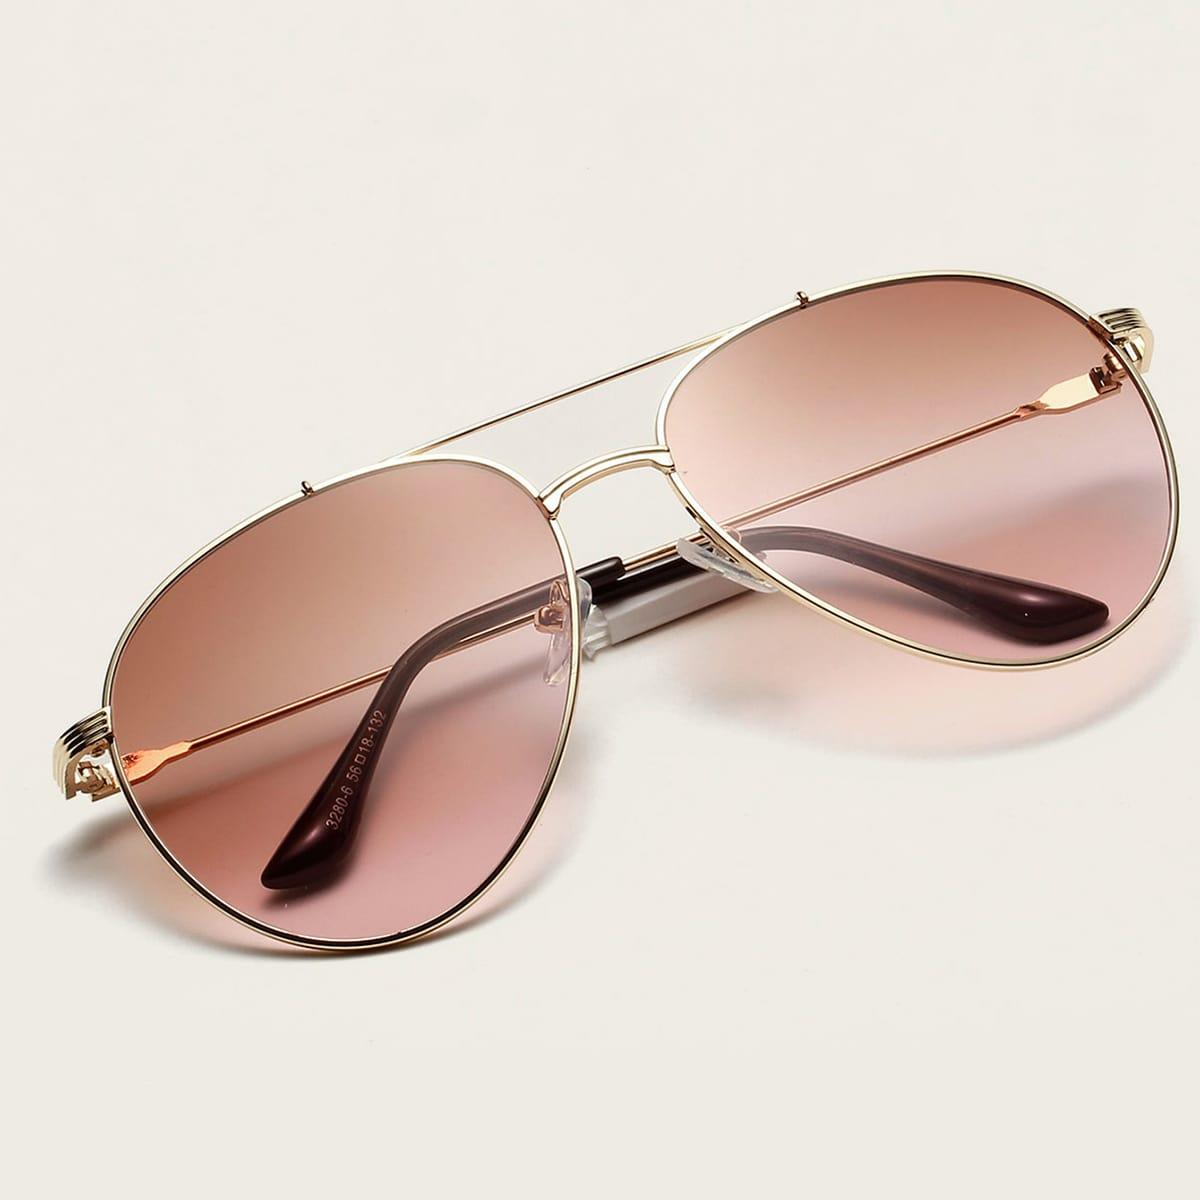 Солнечные очки-авиаторы в металлической оправе с футляром